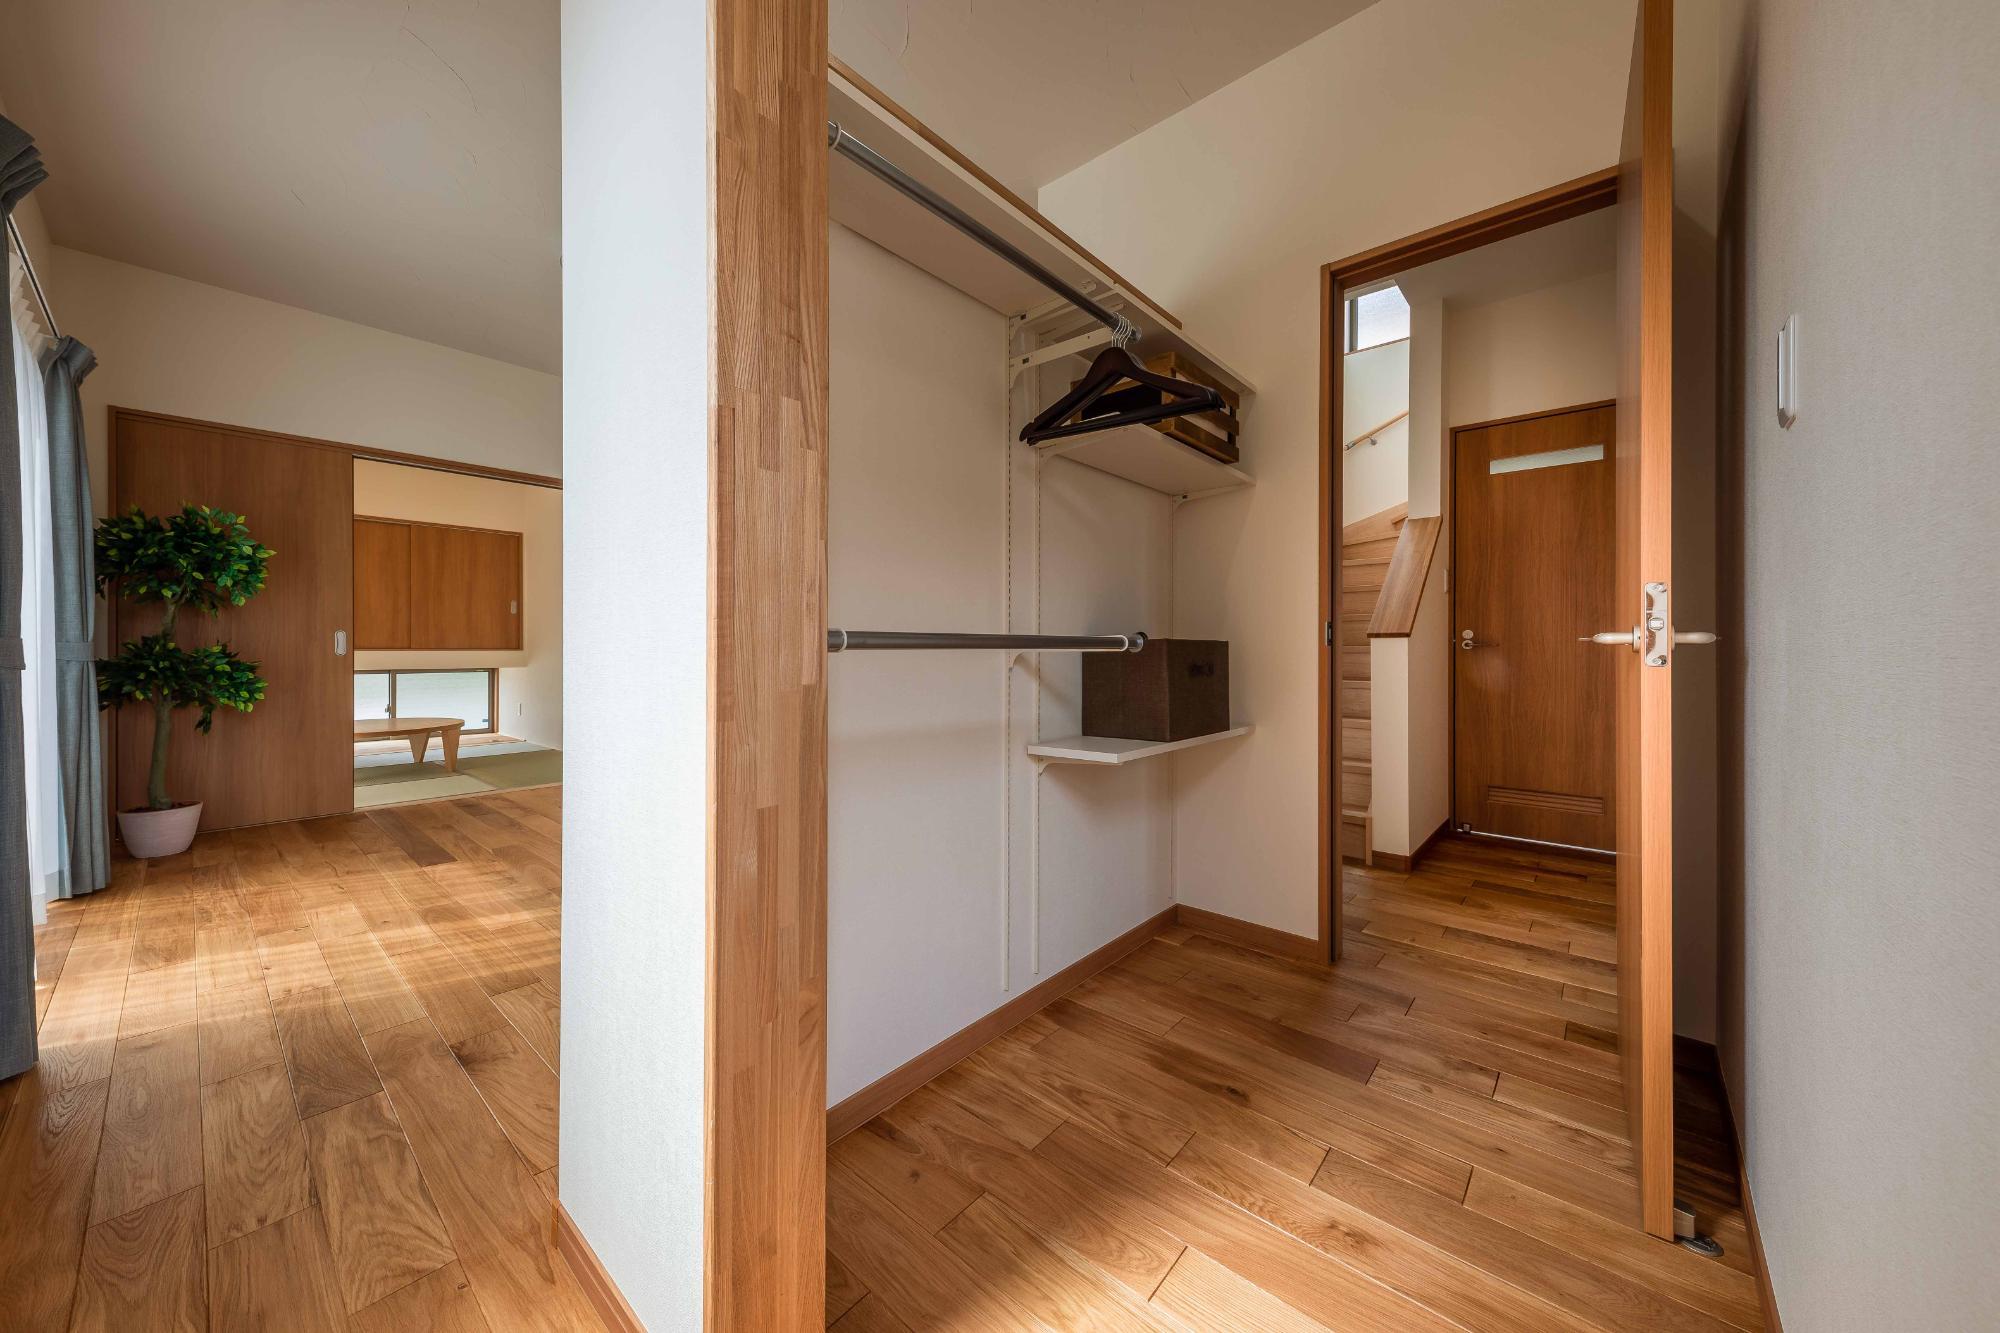 ロクワの家【株式会社 小野組 ライフビルダーグループ】「趣味を楽しみながらゆったりと暮らす家」のシンプル・ナチュラルな収納スペースの実例写真